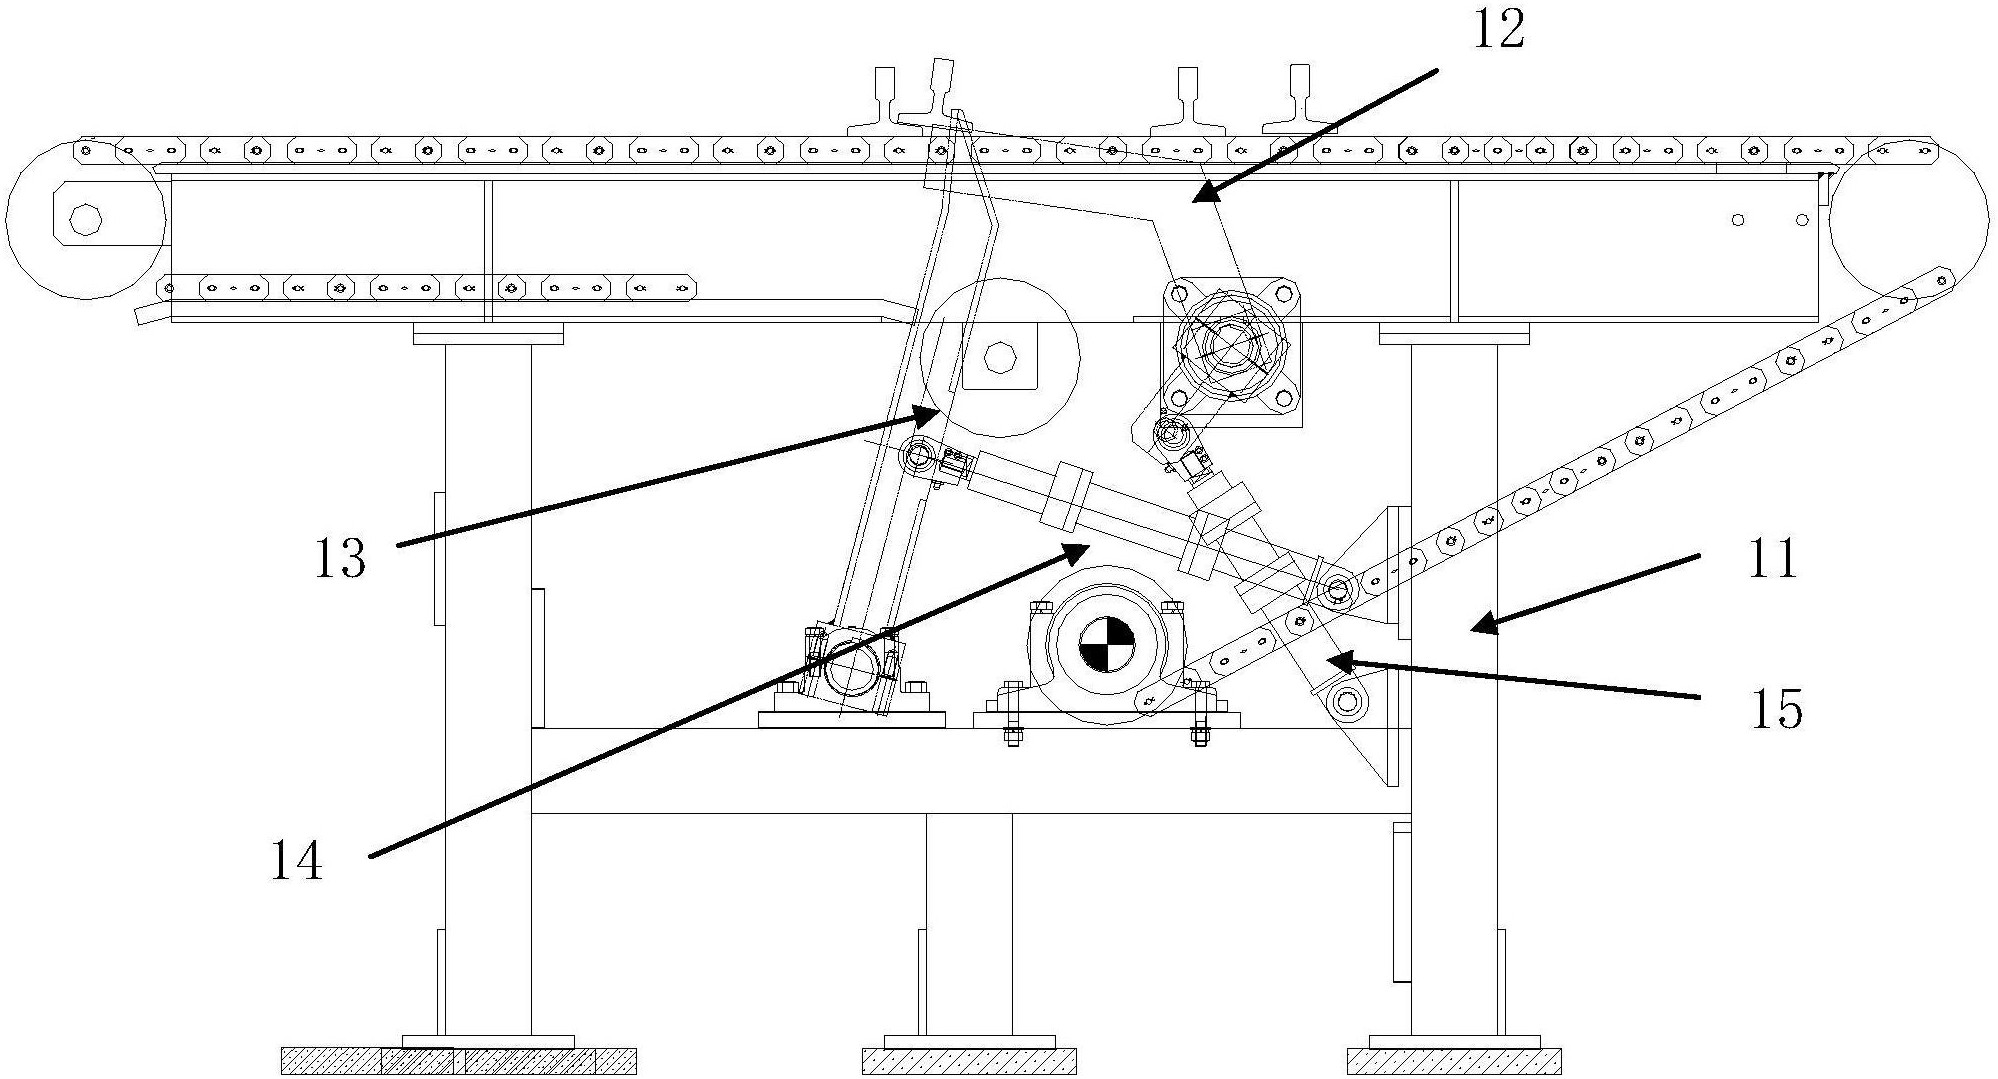 全自动码垛系统及工艺-附图11